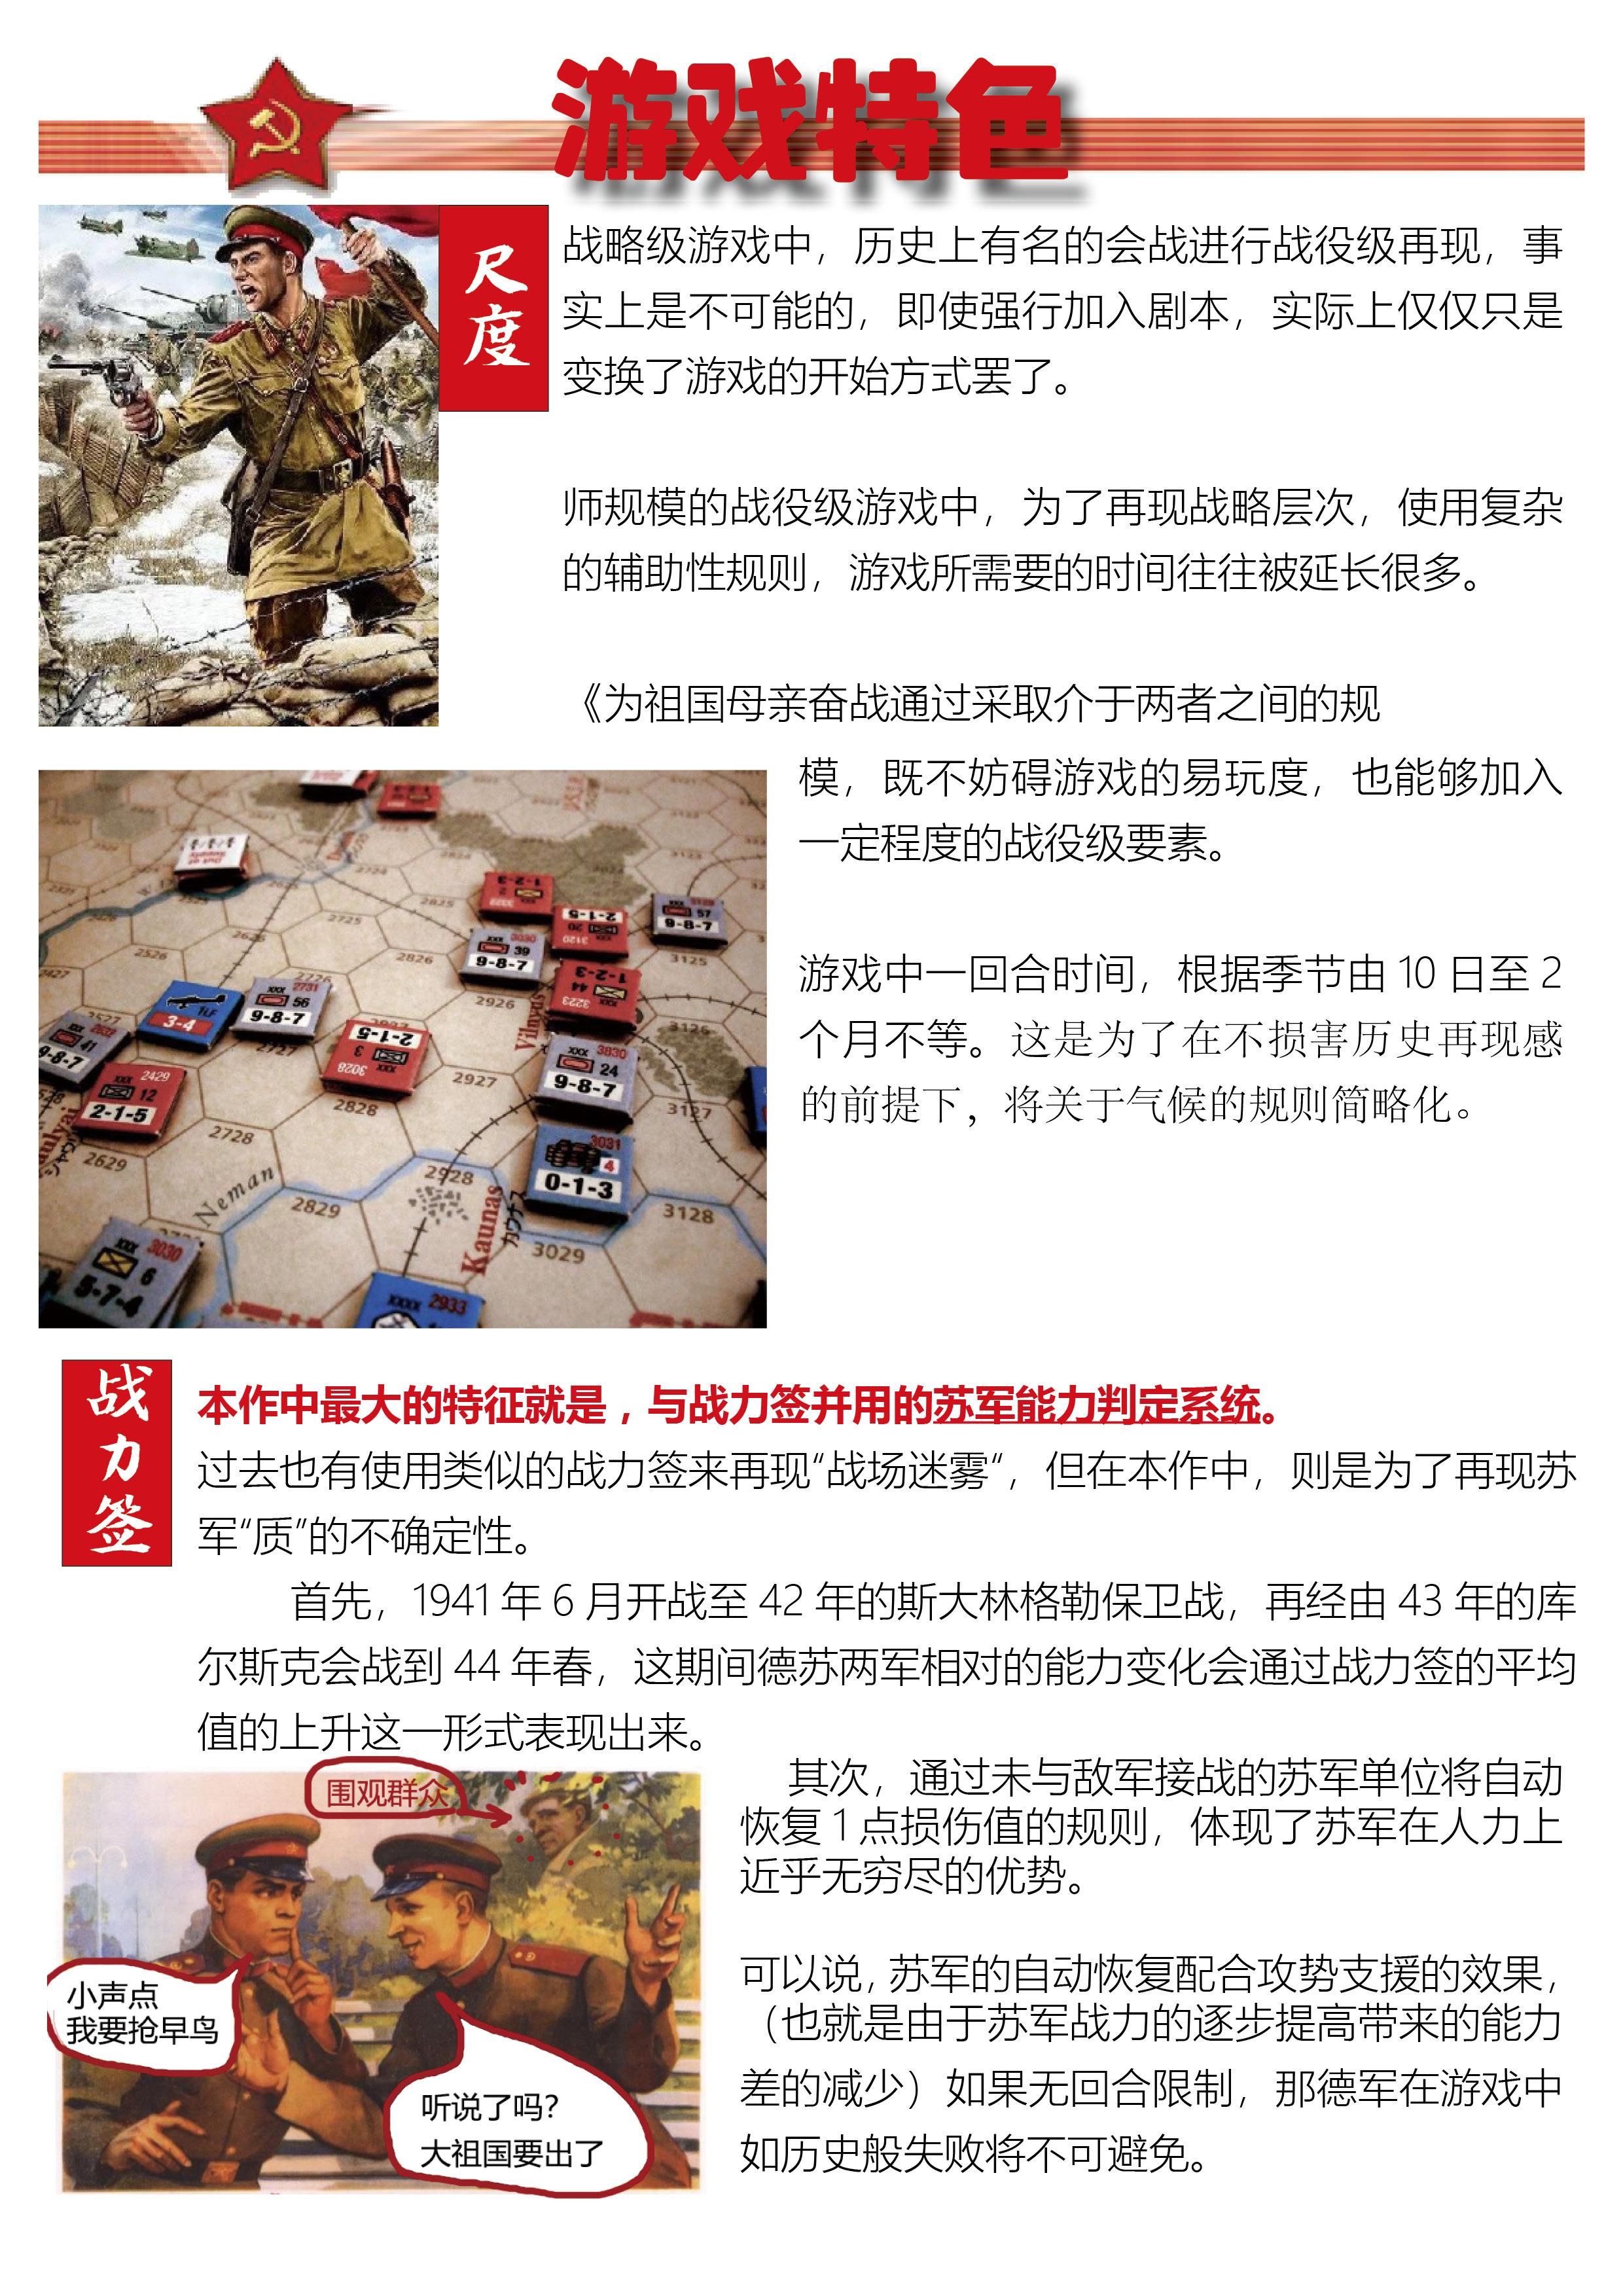 大祖国众筹文件5.jpg